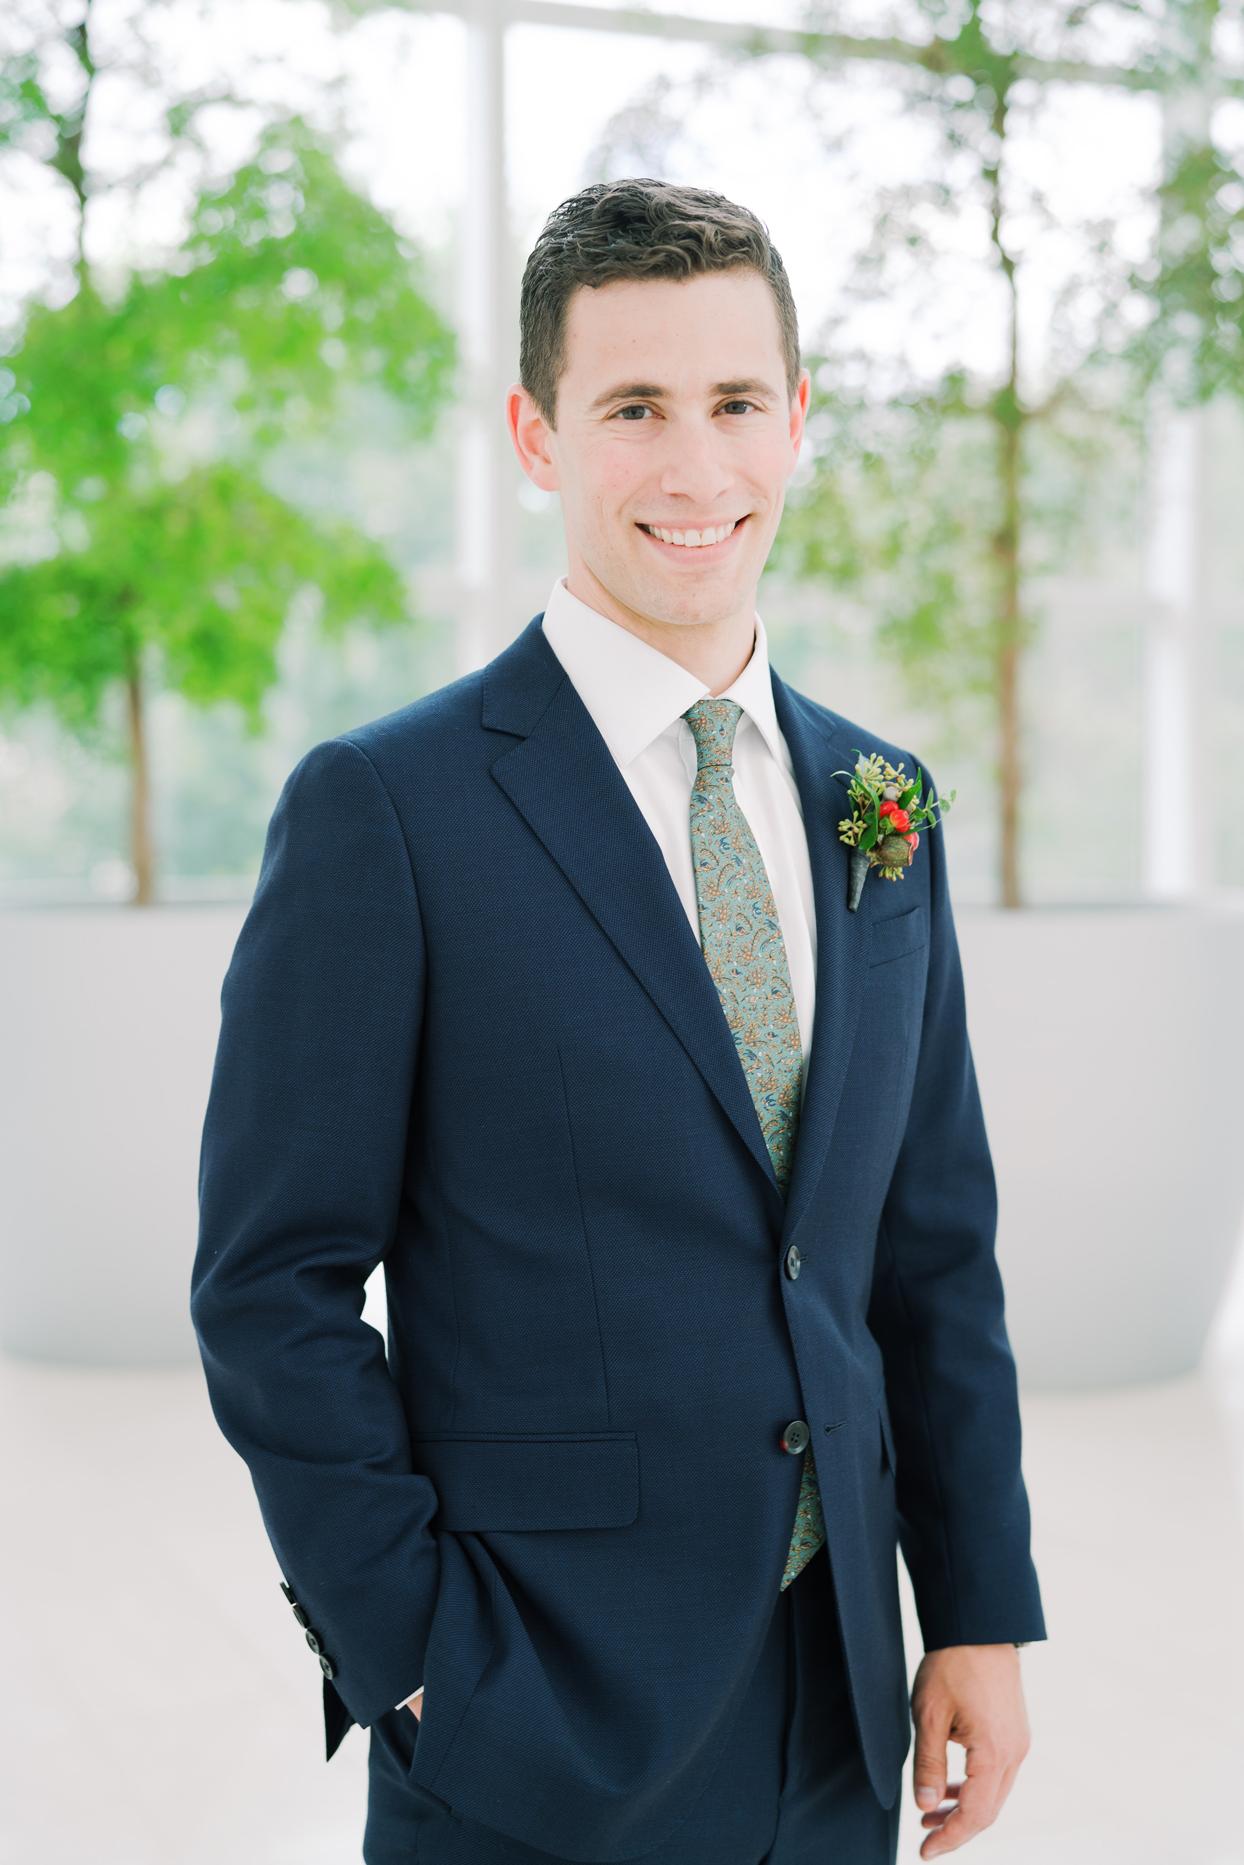 groom wearing navy blue suit with green printed tie